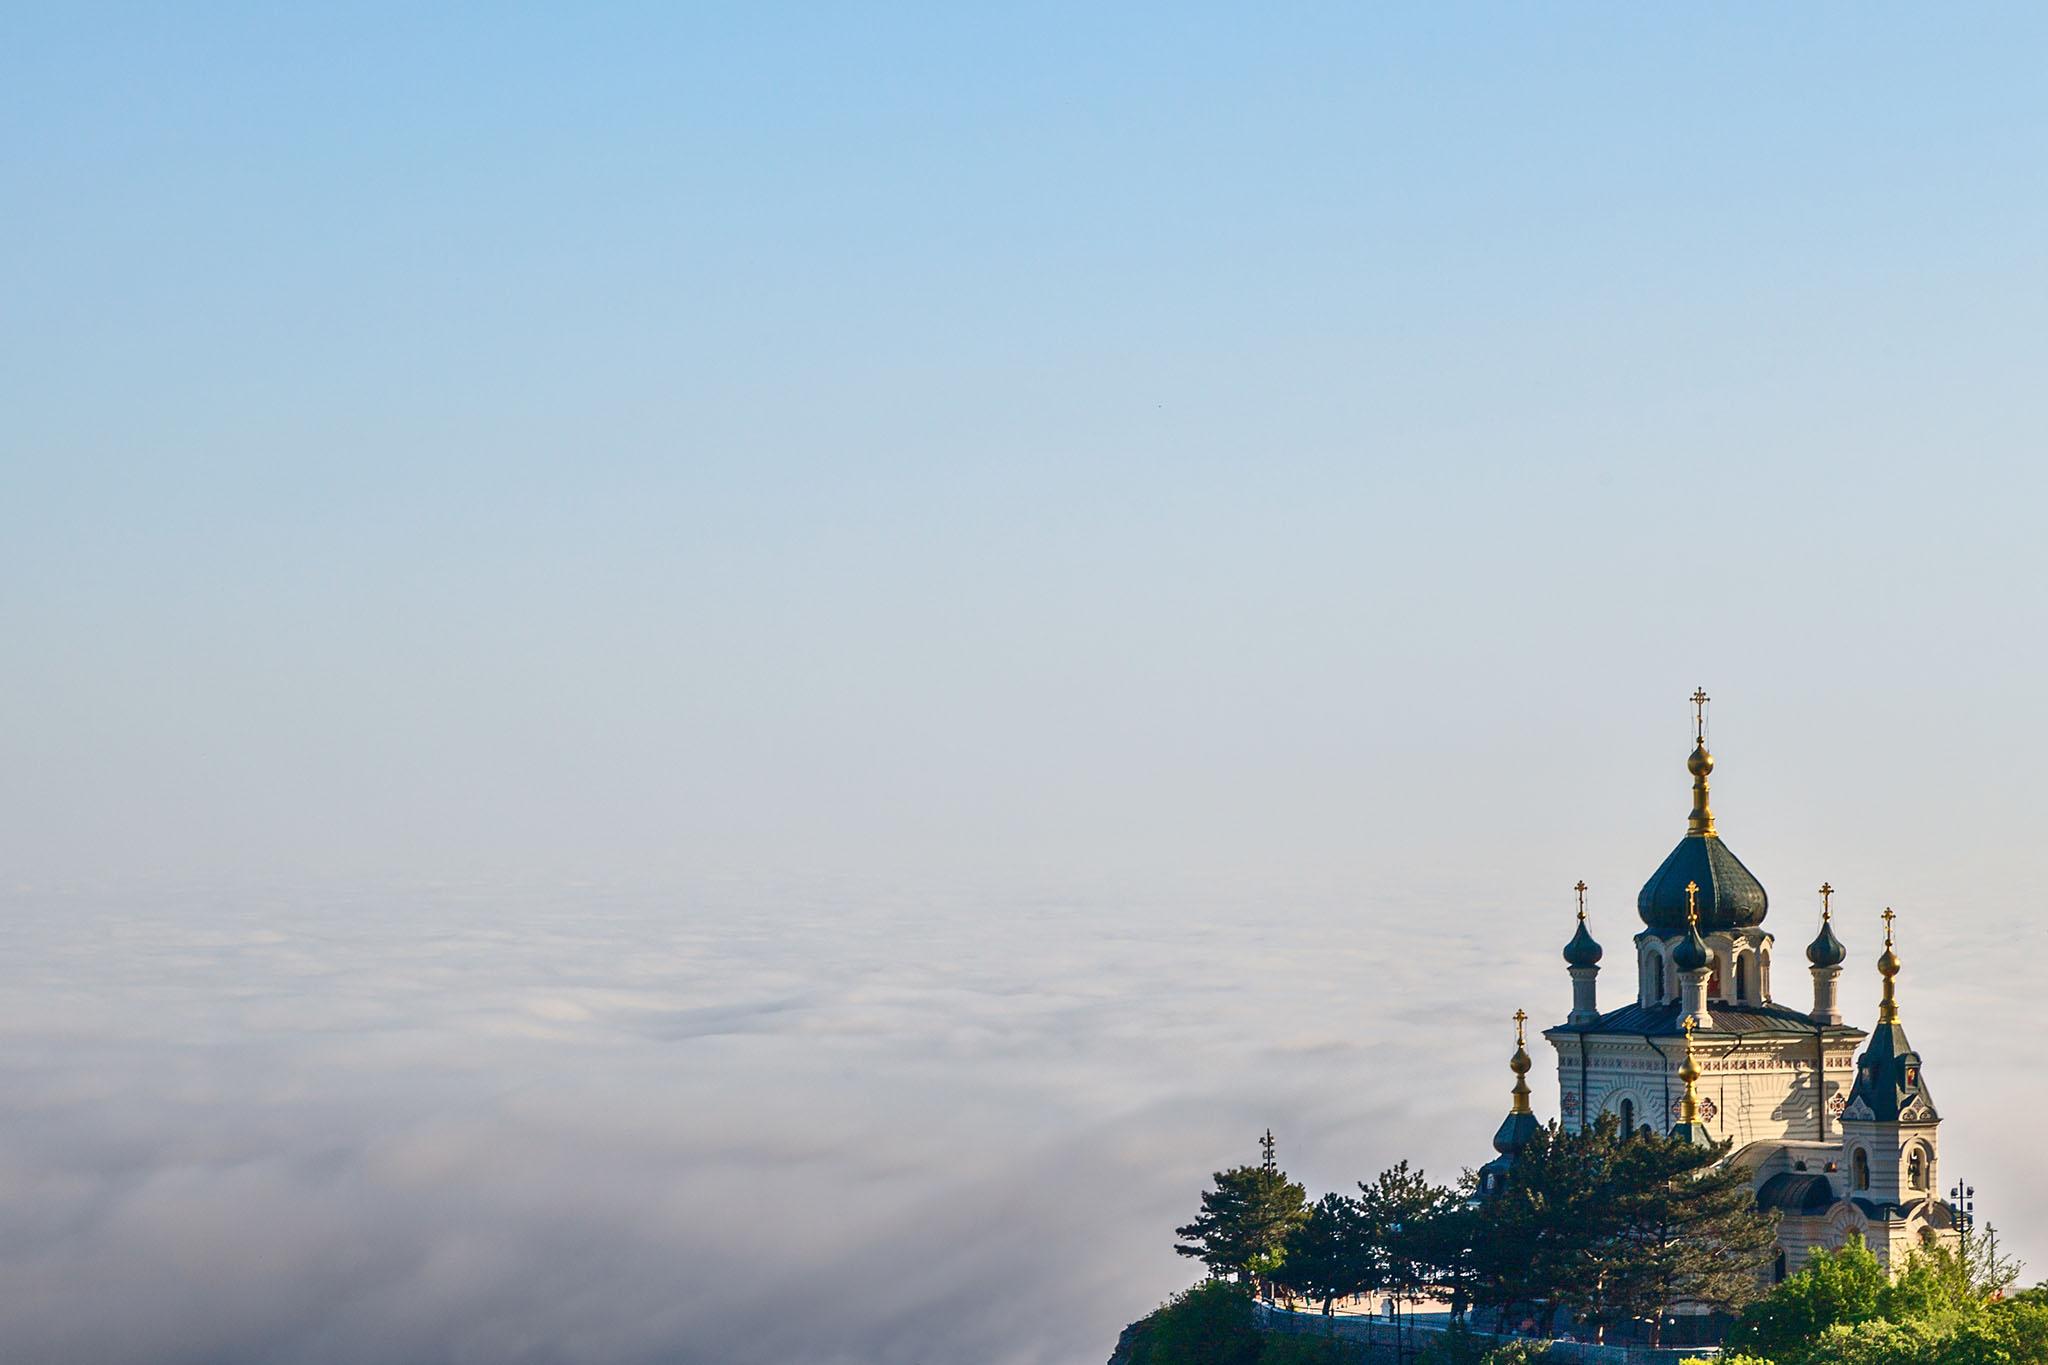 Форосская церковь или Храм Воскресения в Крыму